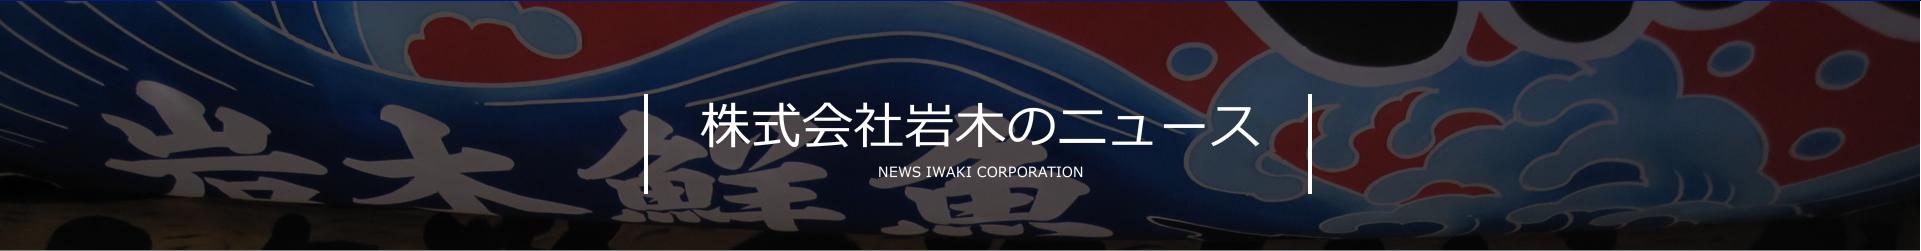 株式会社岩木のニュース